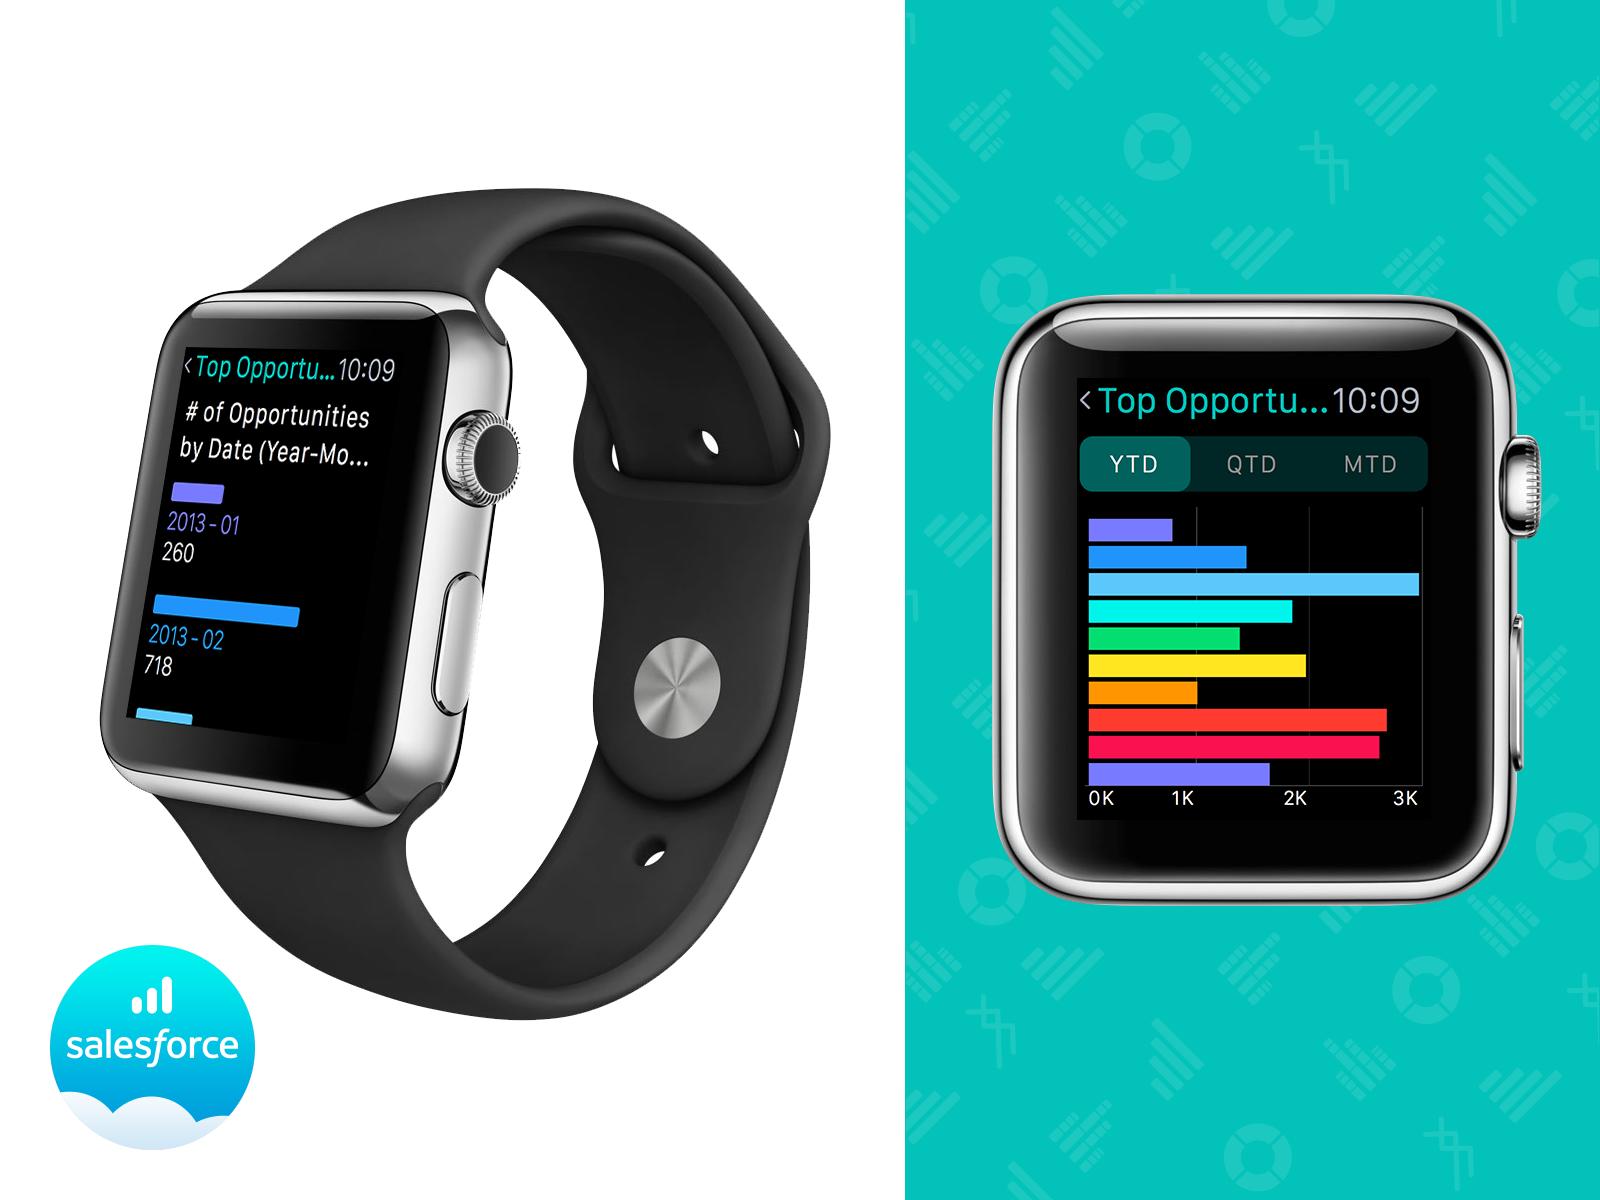 Salesforce analytics apple watch bar graph